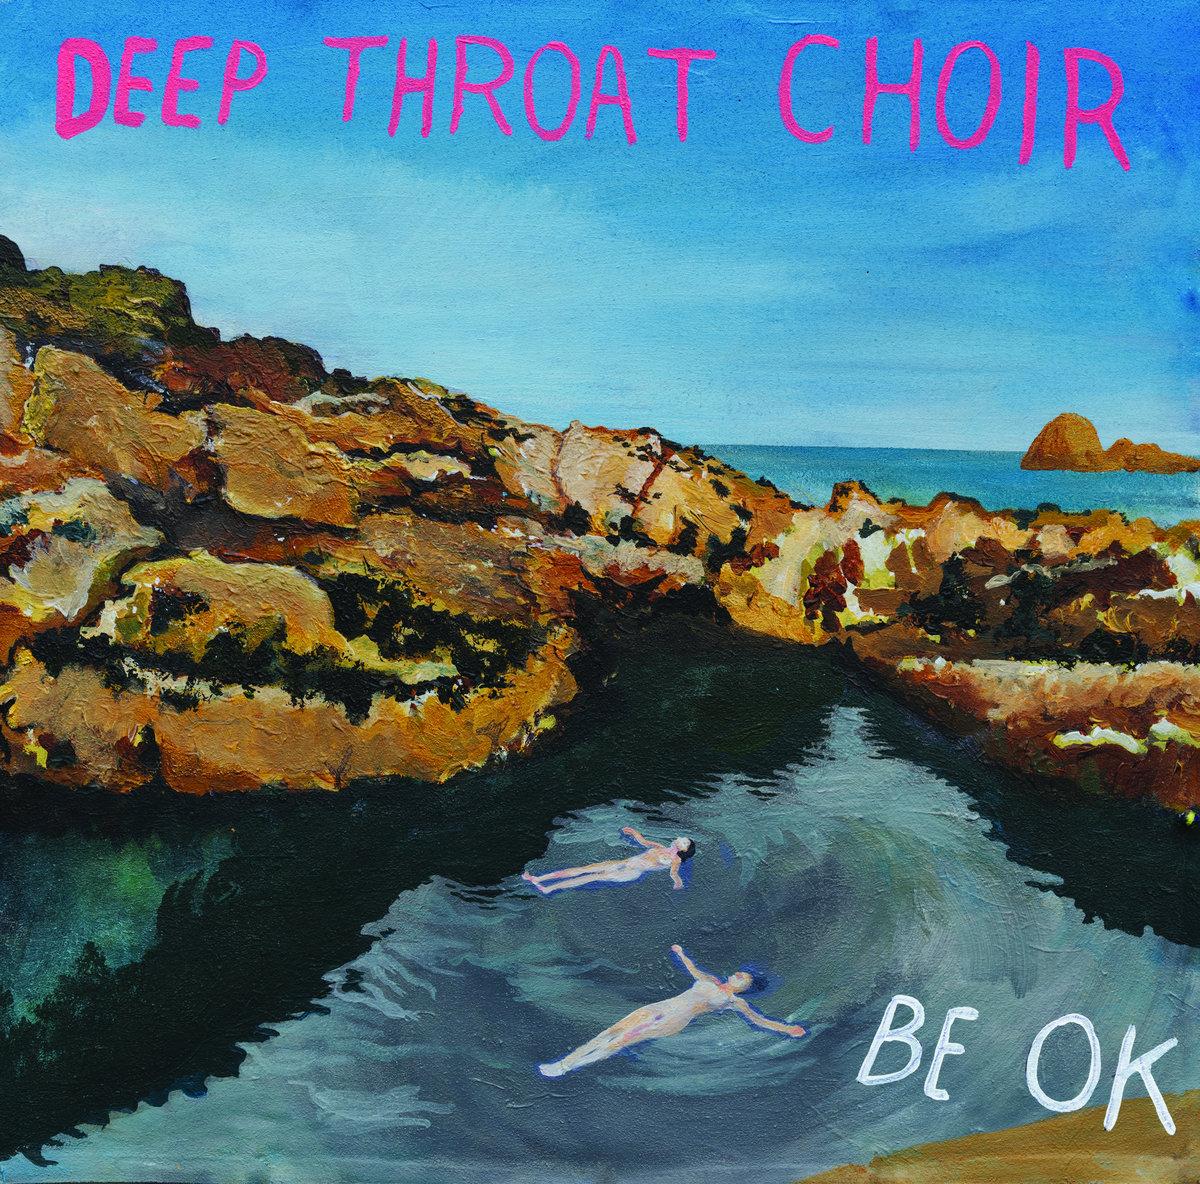 by Deep Throat Choir